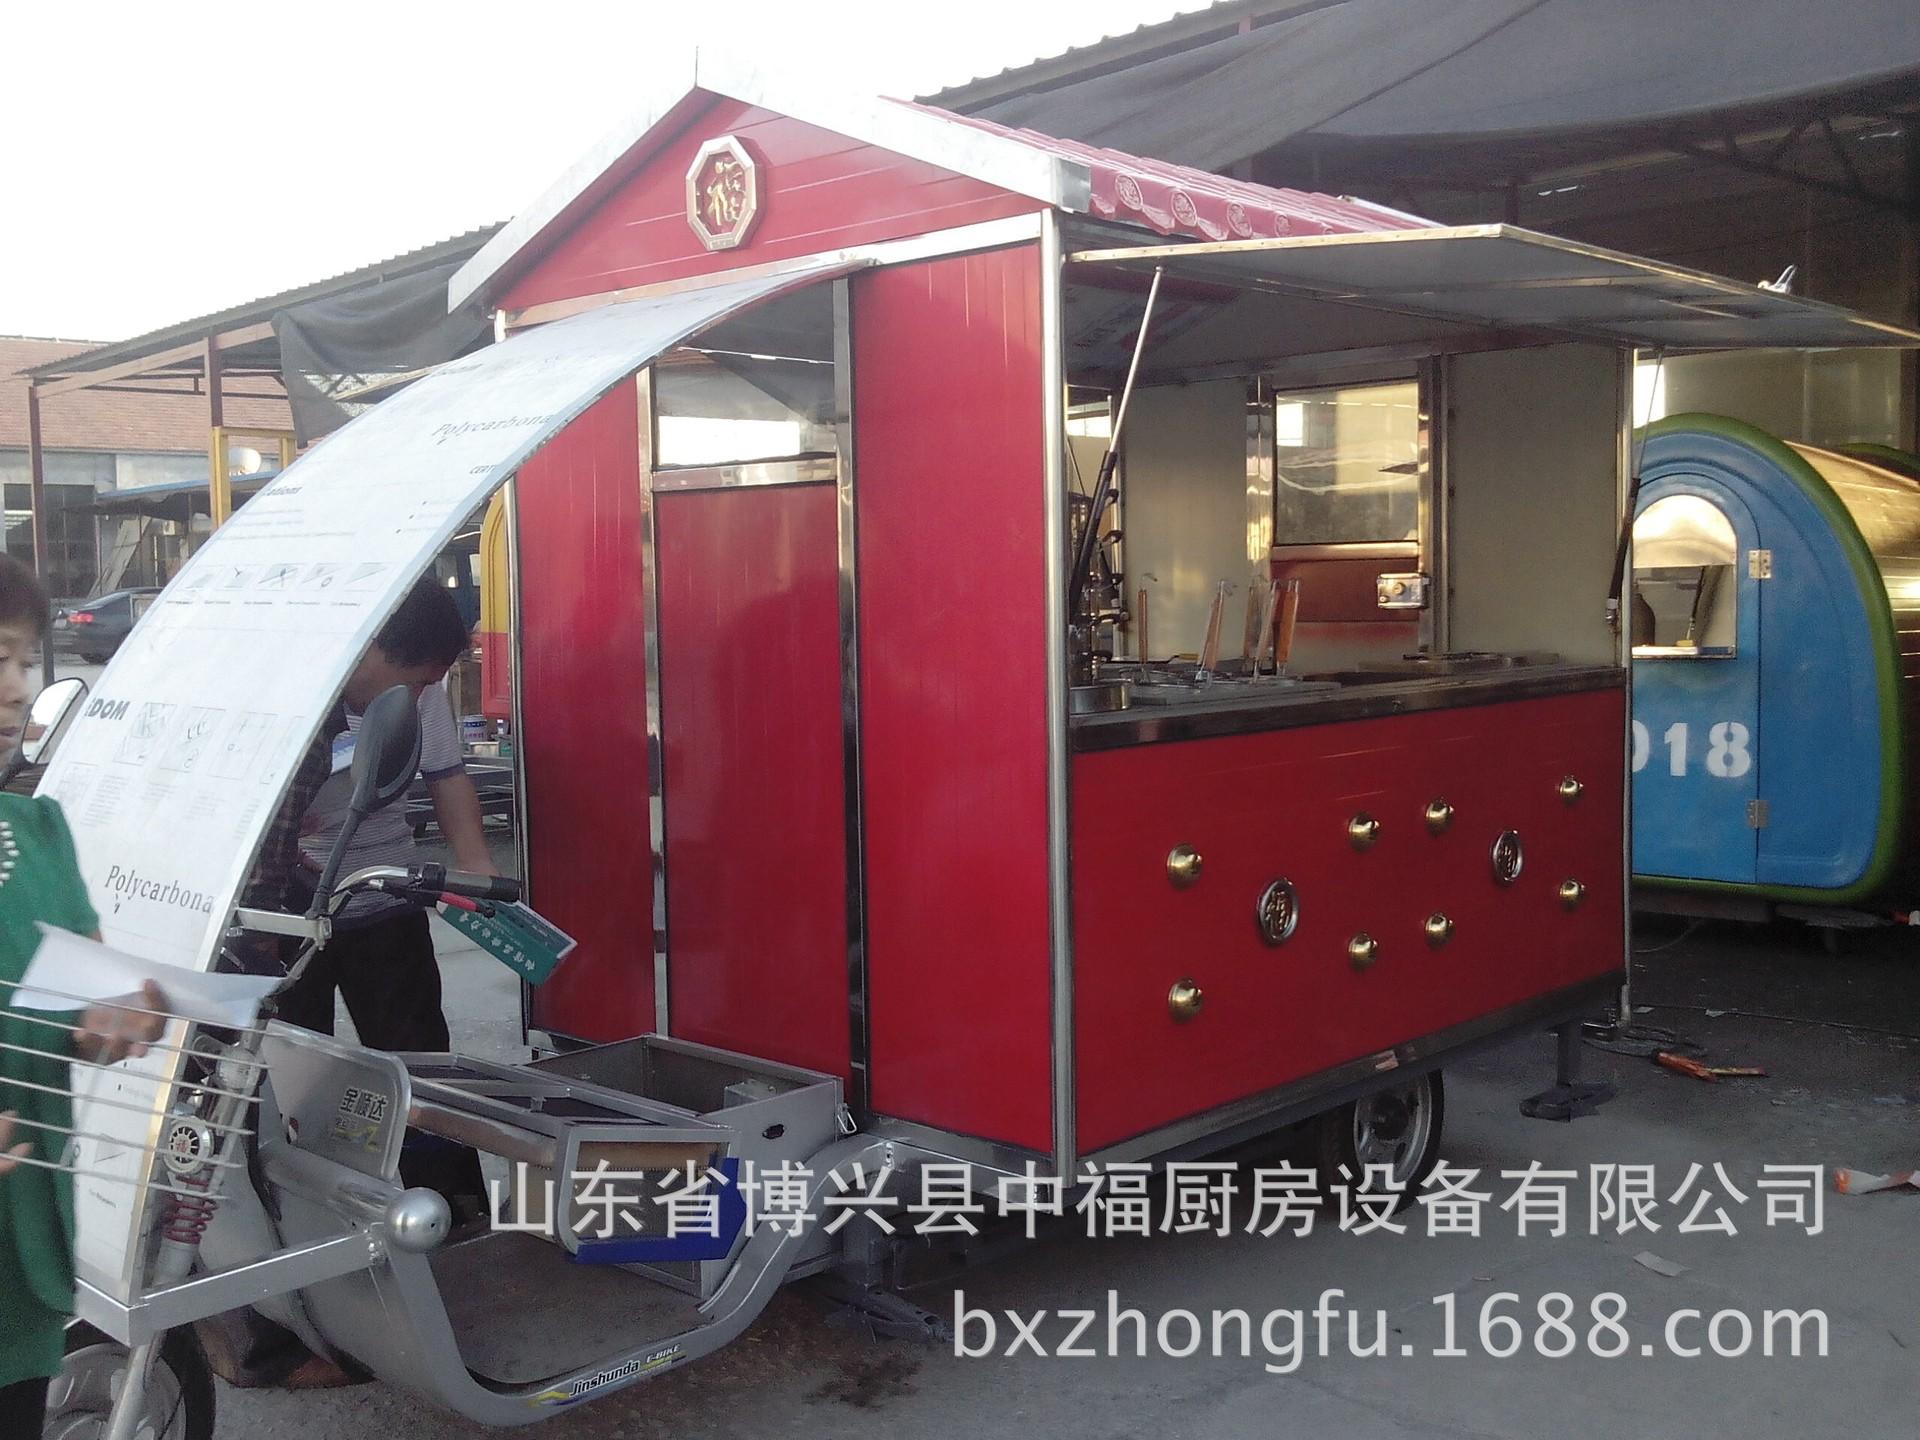 仿古电动餐车小吃车美食车烧烤快餐车手推房车